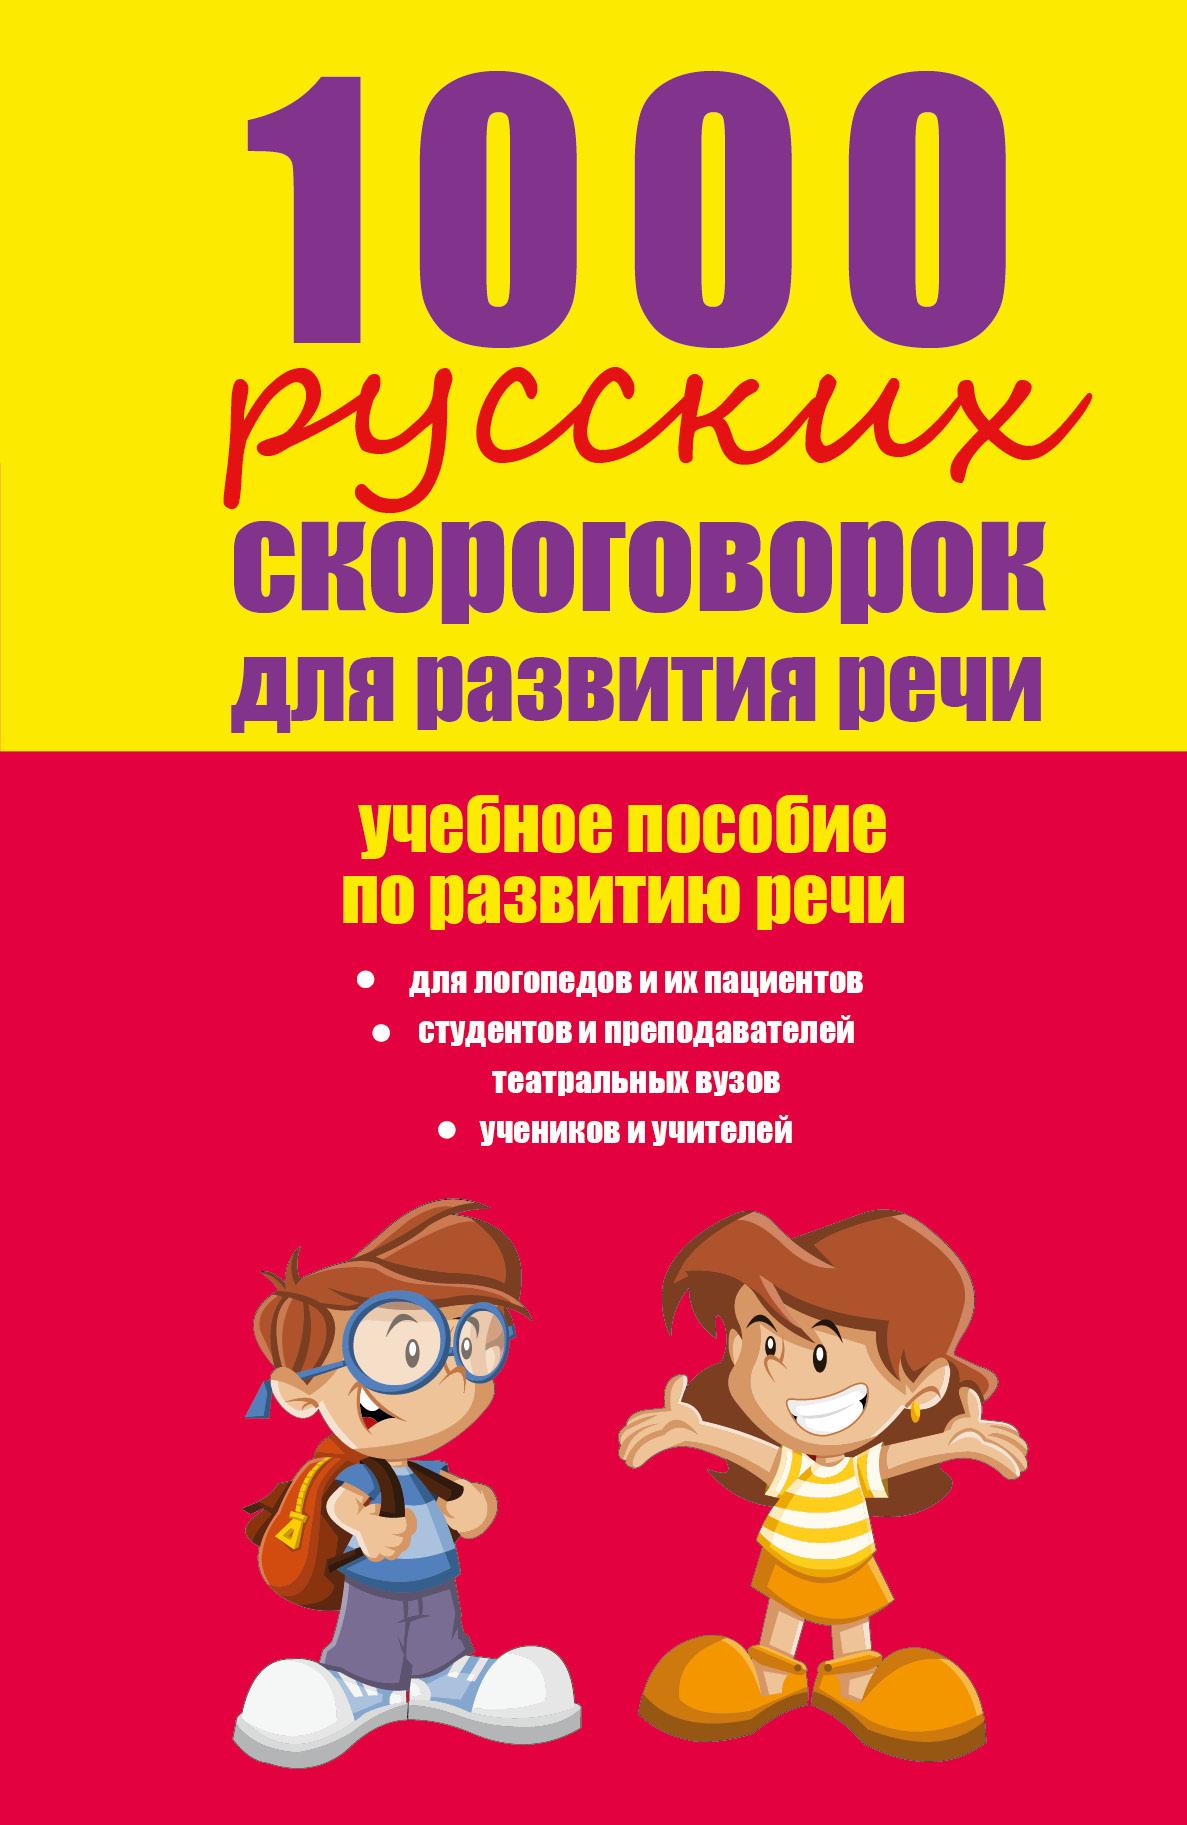 Е.В. Лаптева. 1000 русских скороговорок для развития речи. Учебное пособие